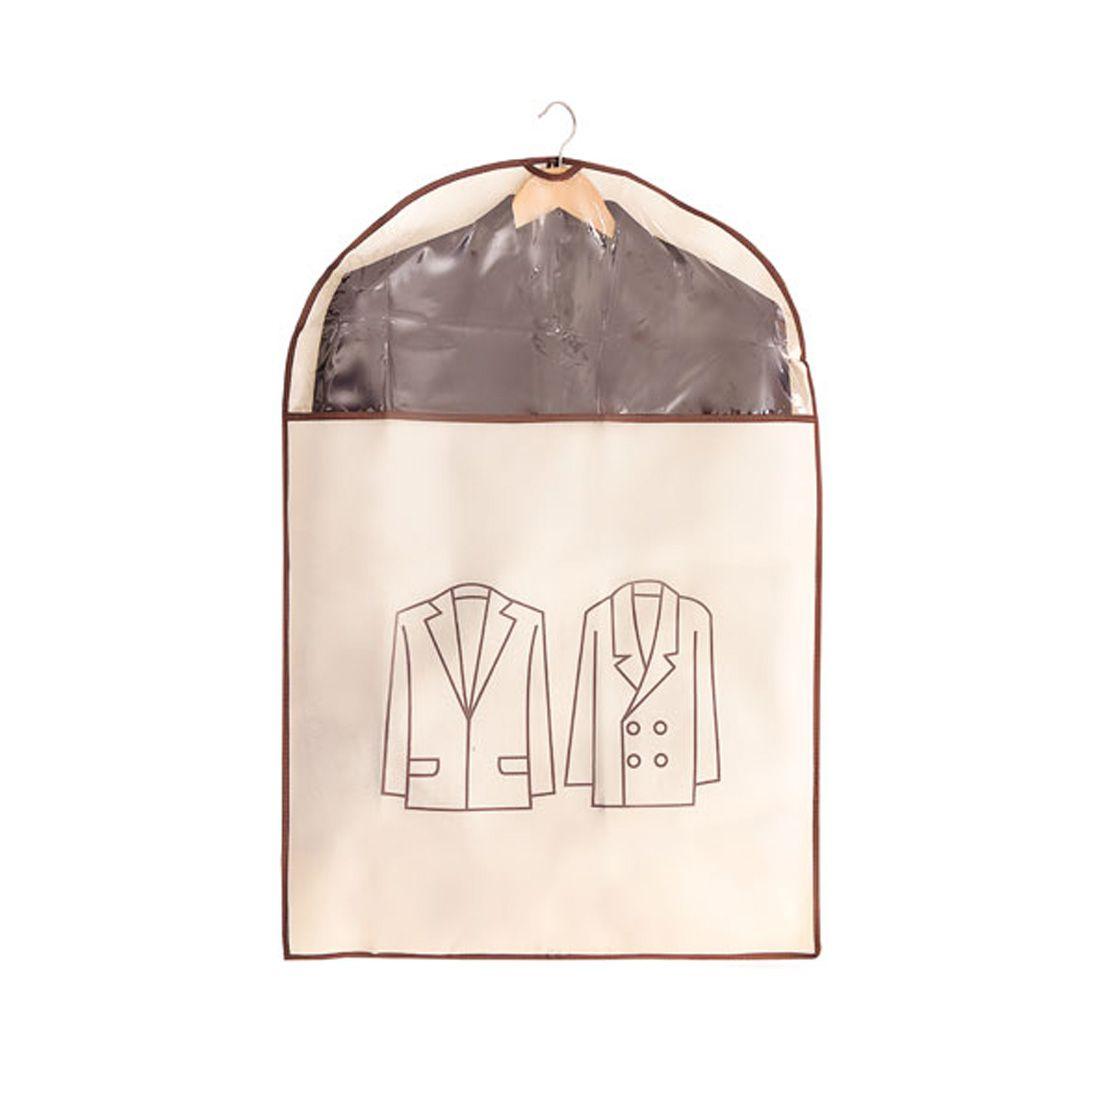 Capa Protetora para Roupa em Tnt com Visor Transparente Tamanho M